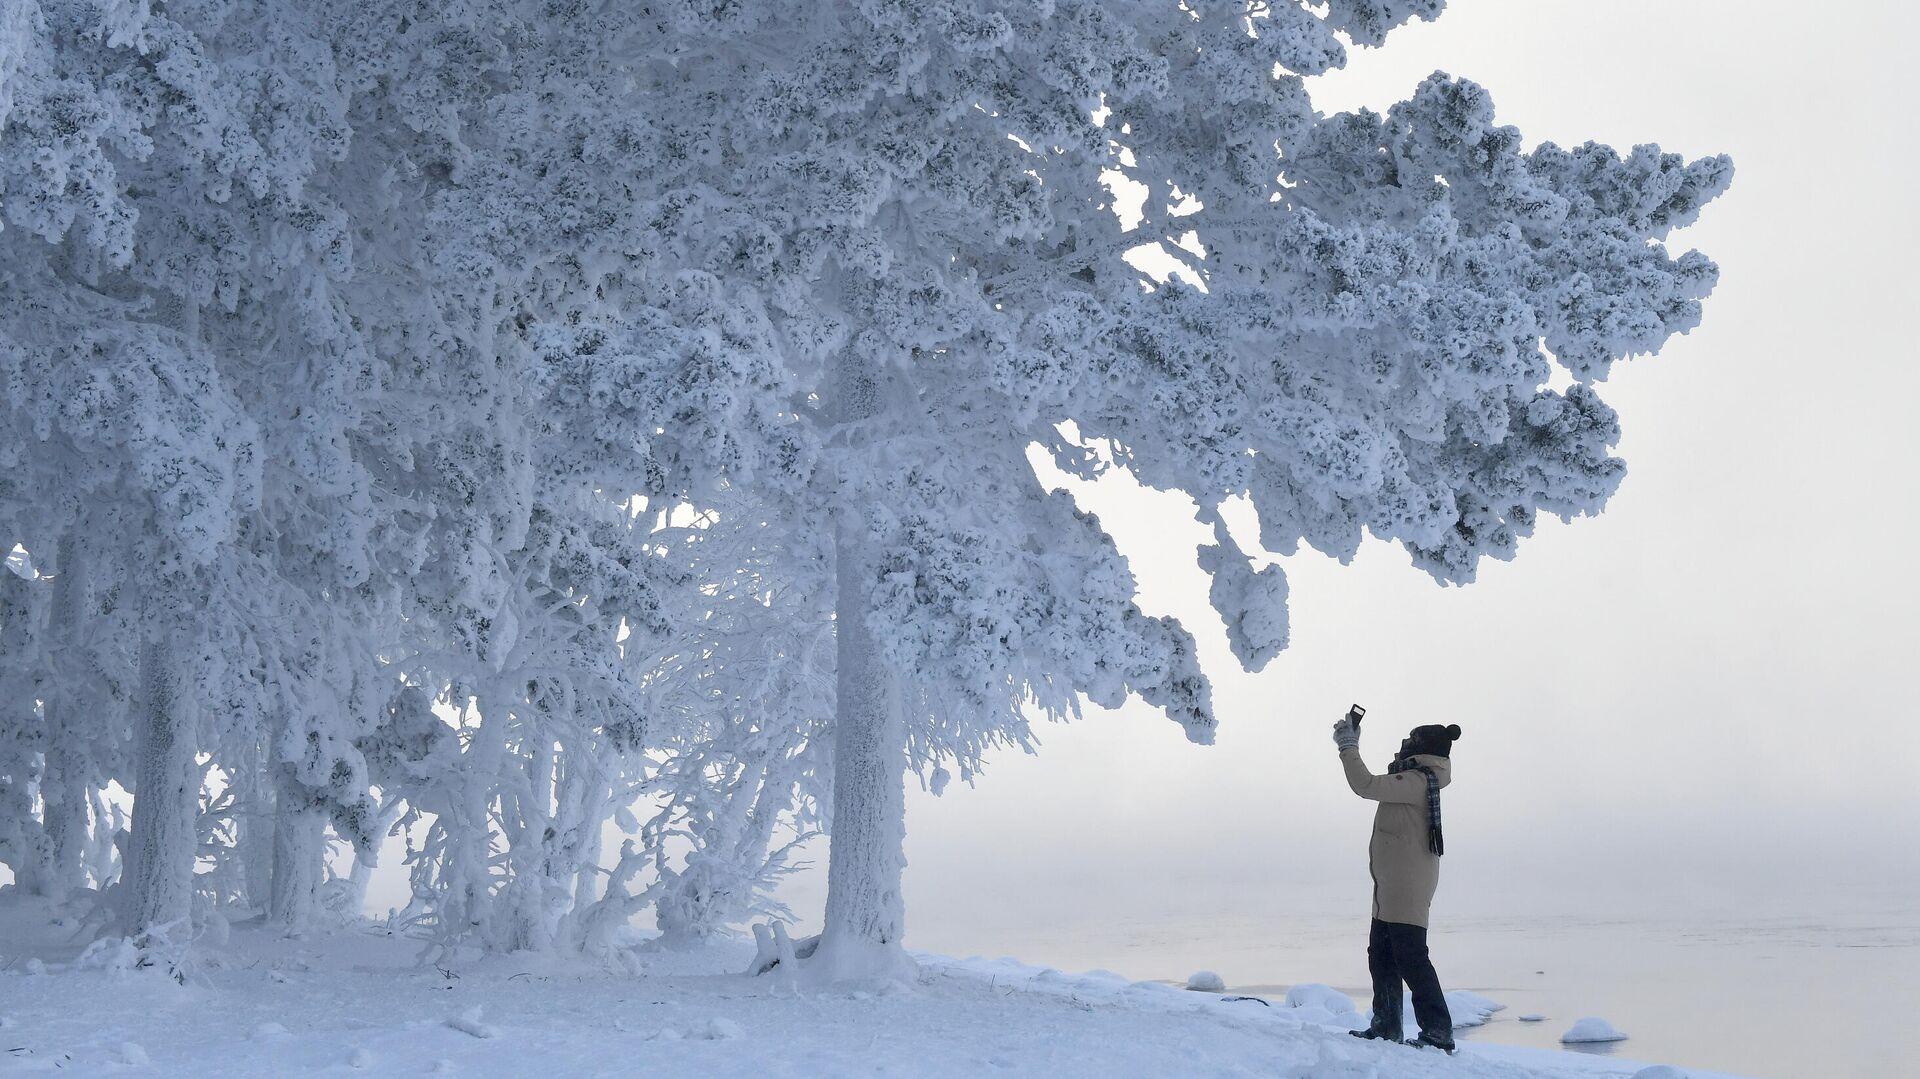 Женщина снимает на смартфон деревья в лесу на берегу Енисея в Красноярском крае в 30-градусный мороз - РИА Новости, 1920, 31.12.2020